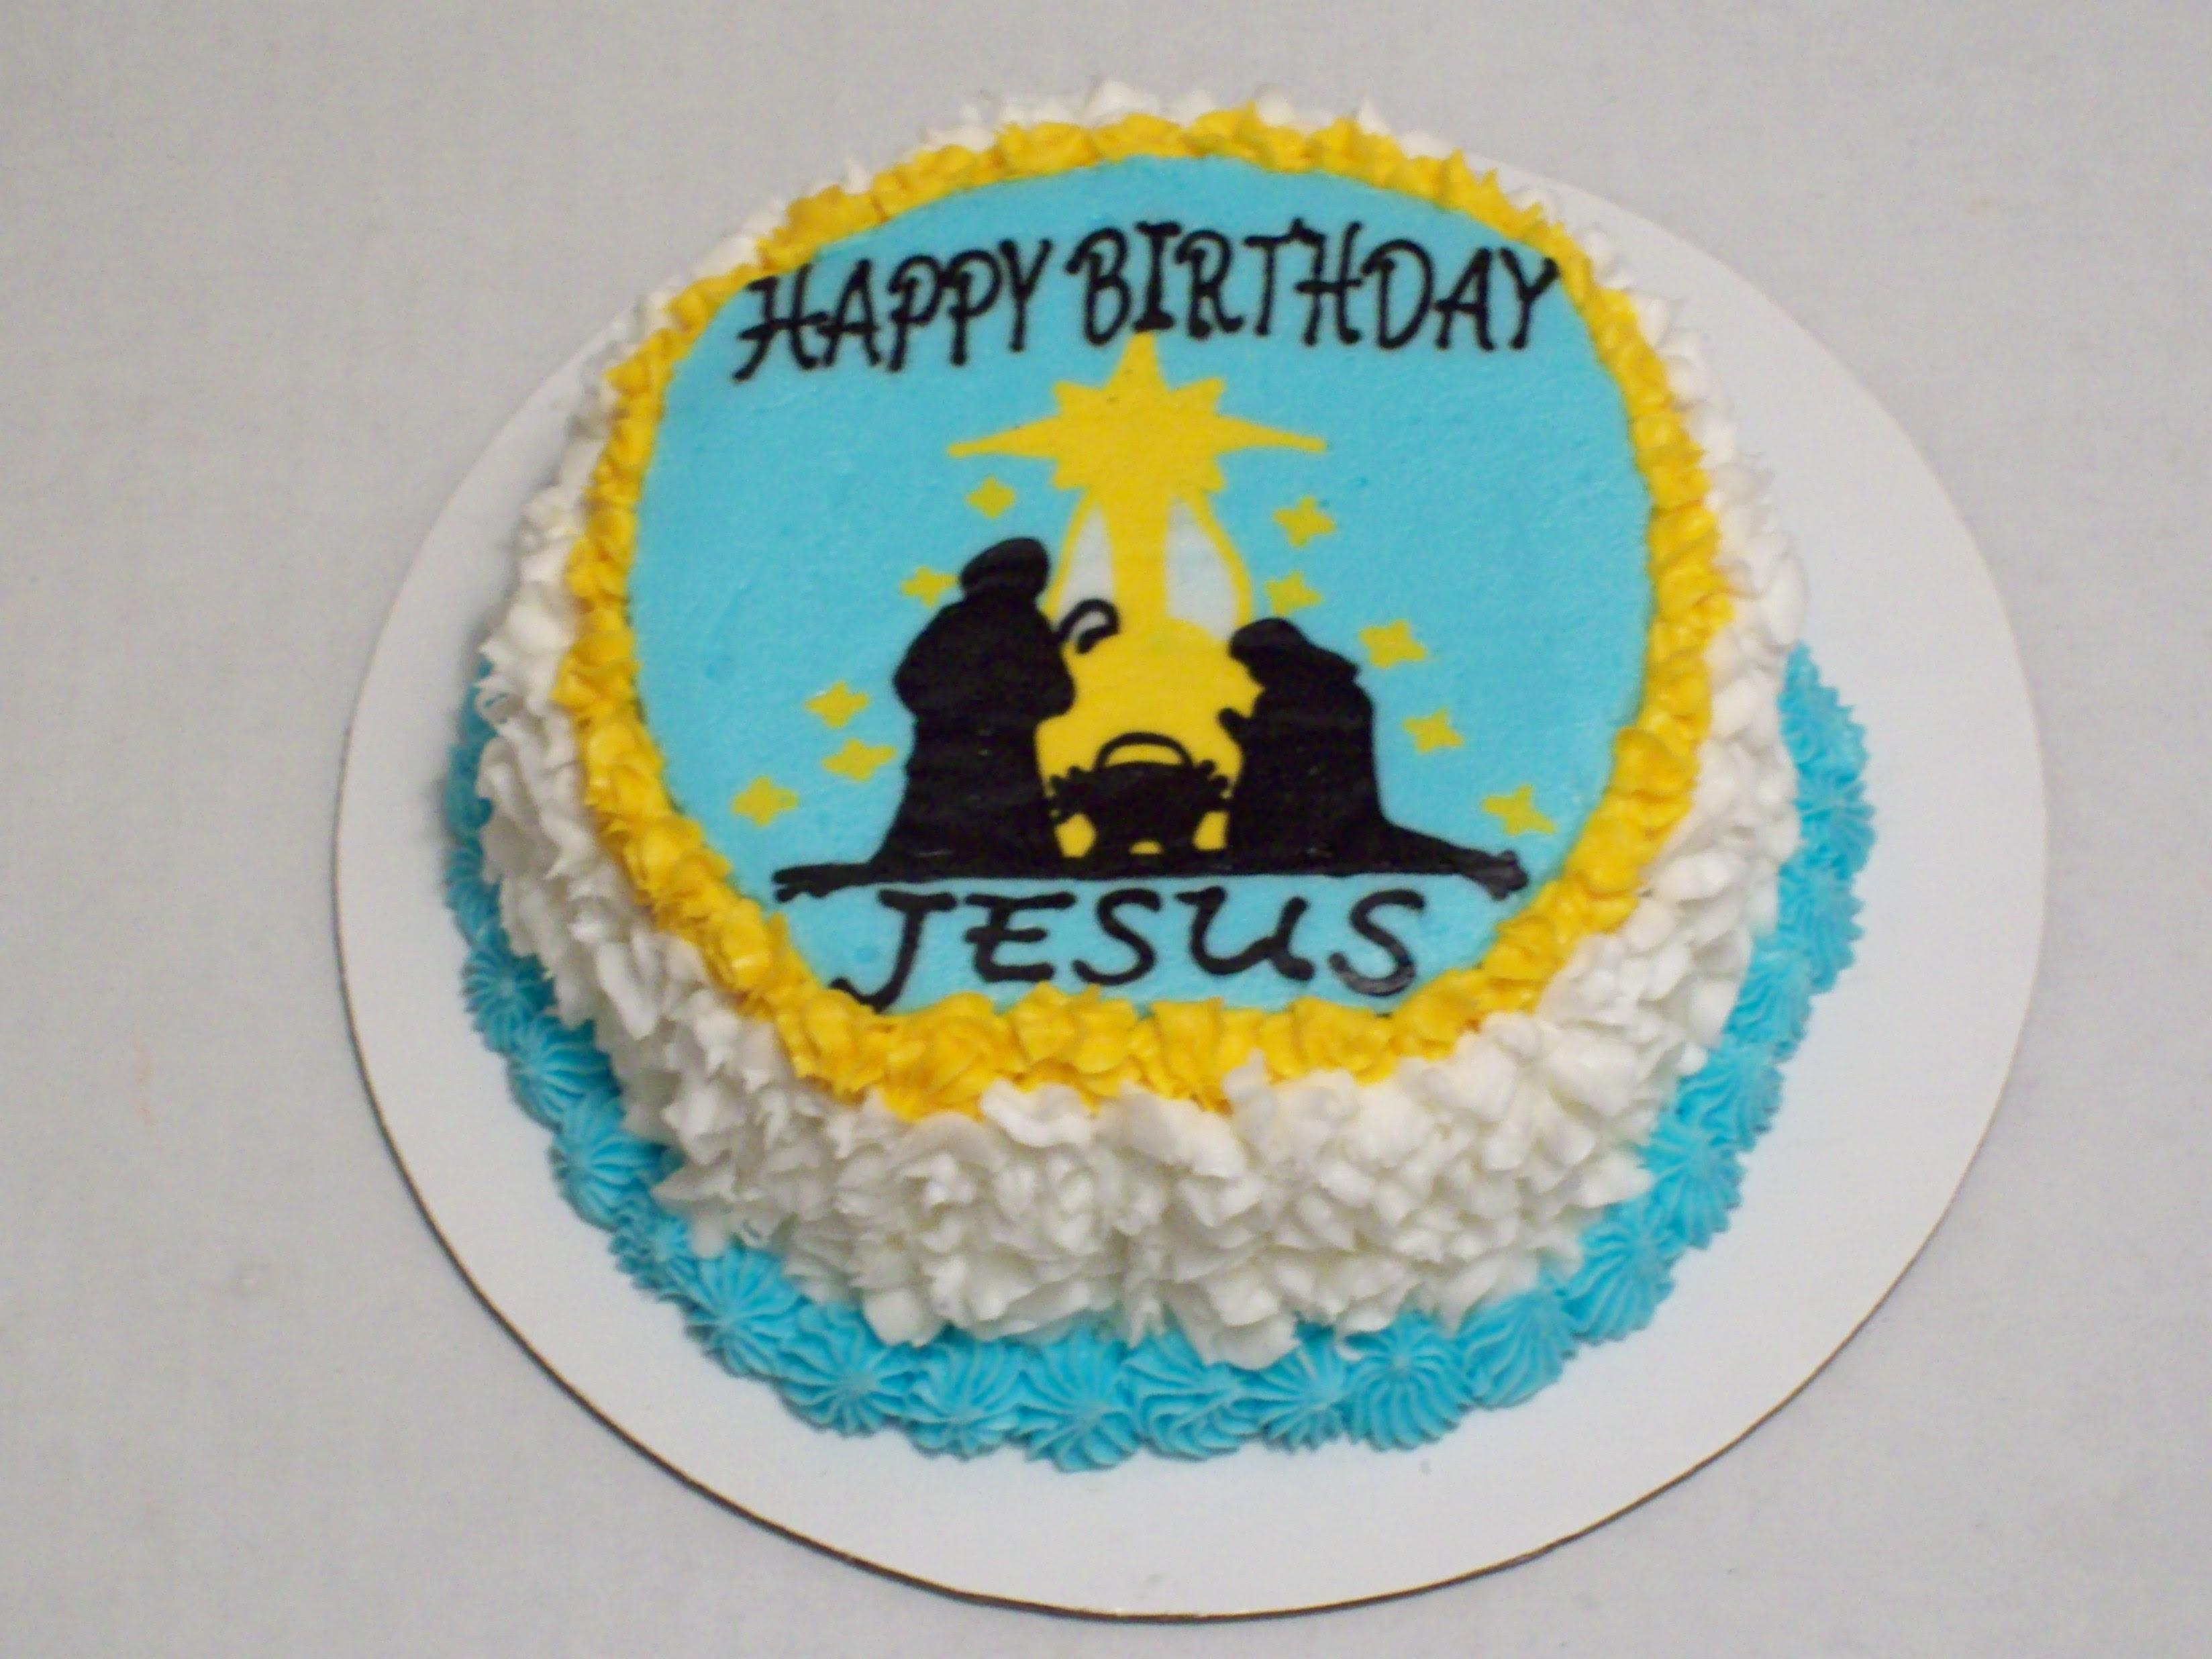 Happy Birthday Jesus Cake Pictures Brithday Cake